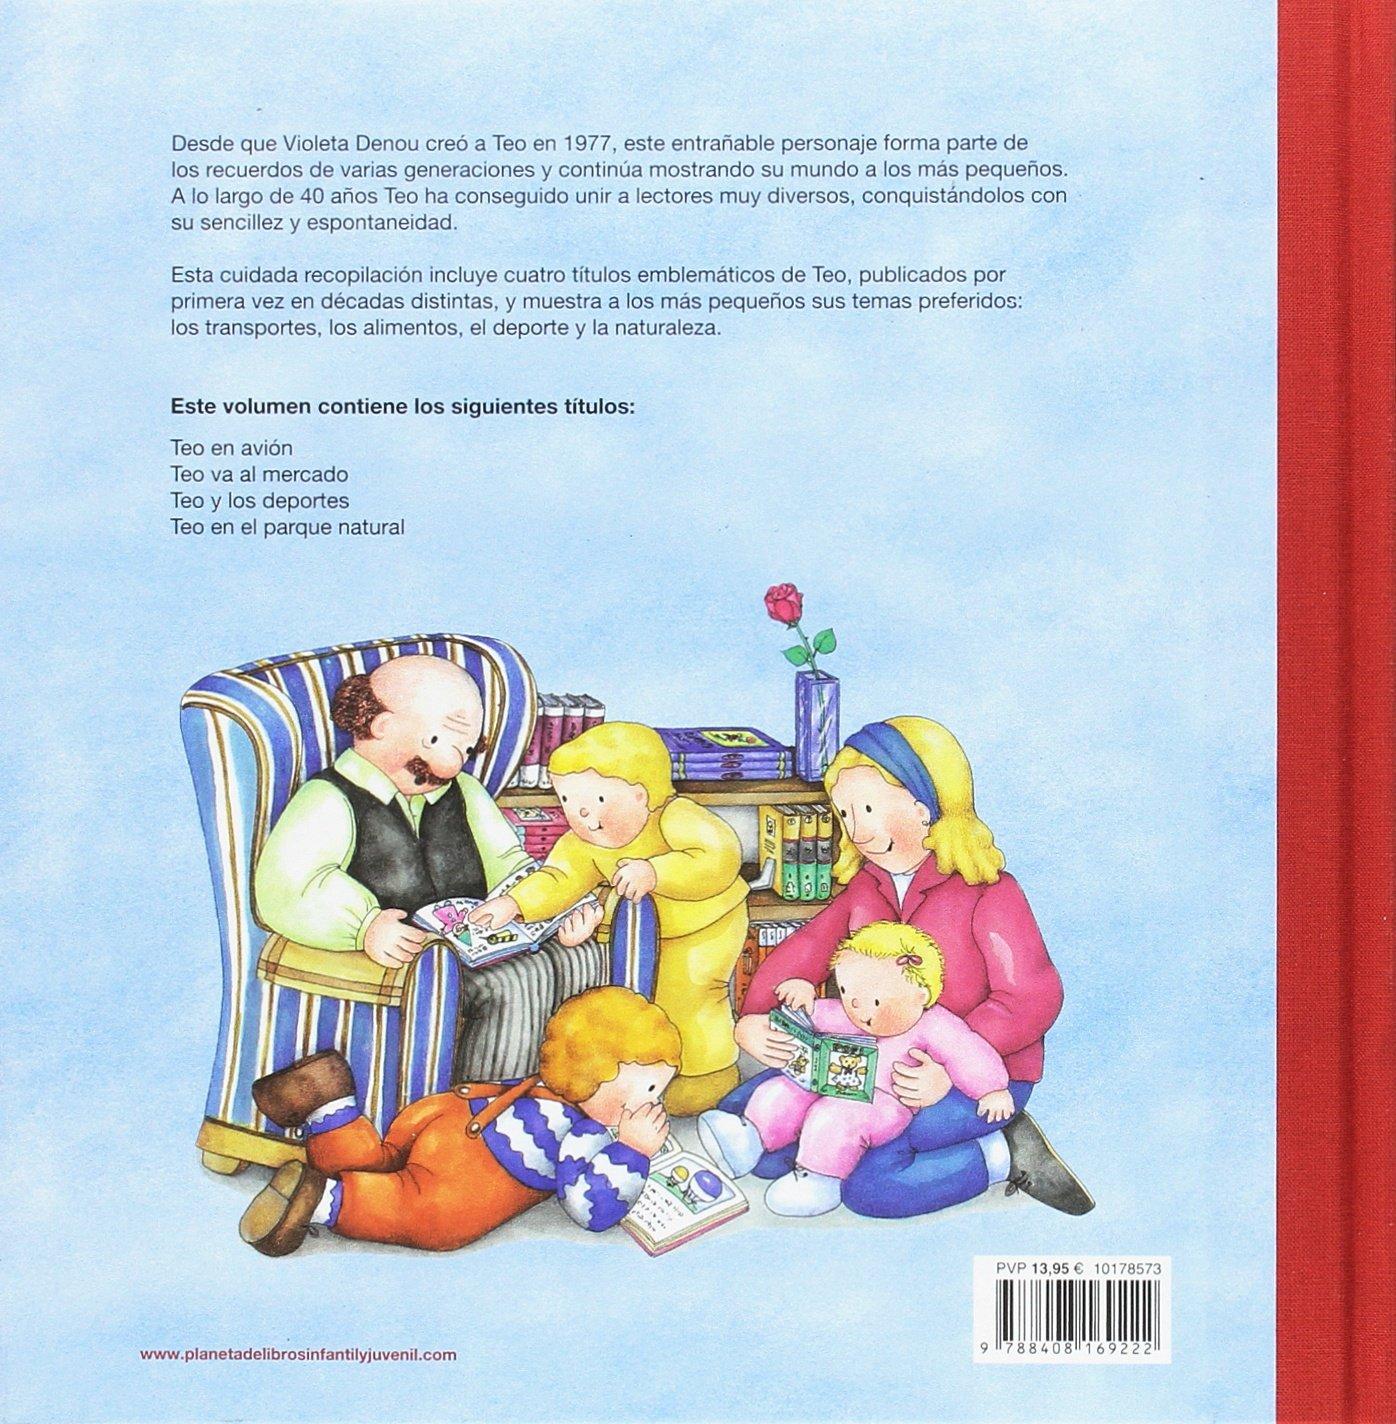 Teo descubre el mundo. Edición especial: El amigo de pequeños y mayores: Amazon.es: Denou, Violeta: Libros